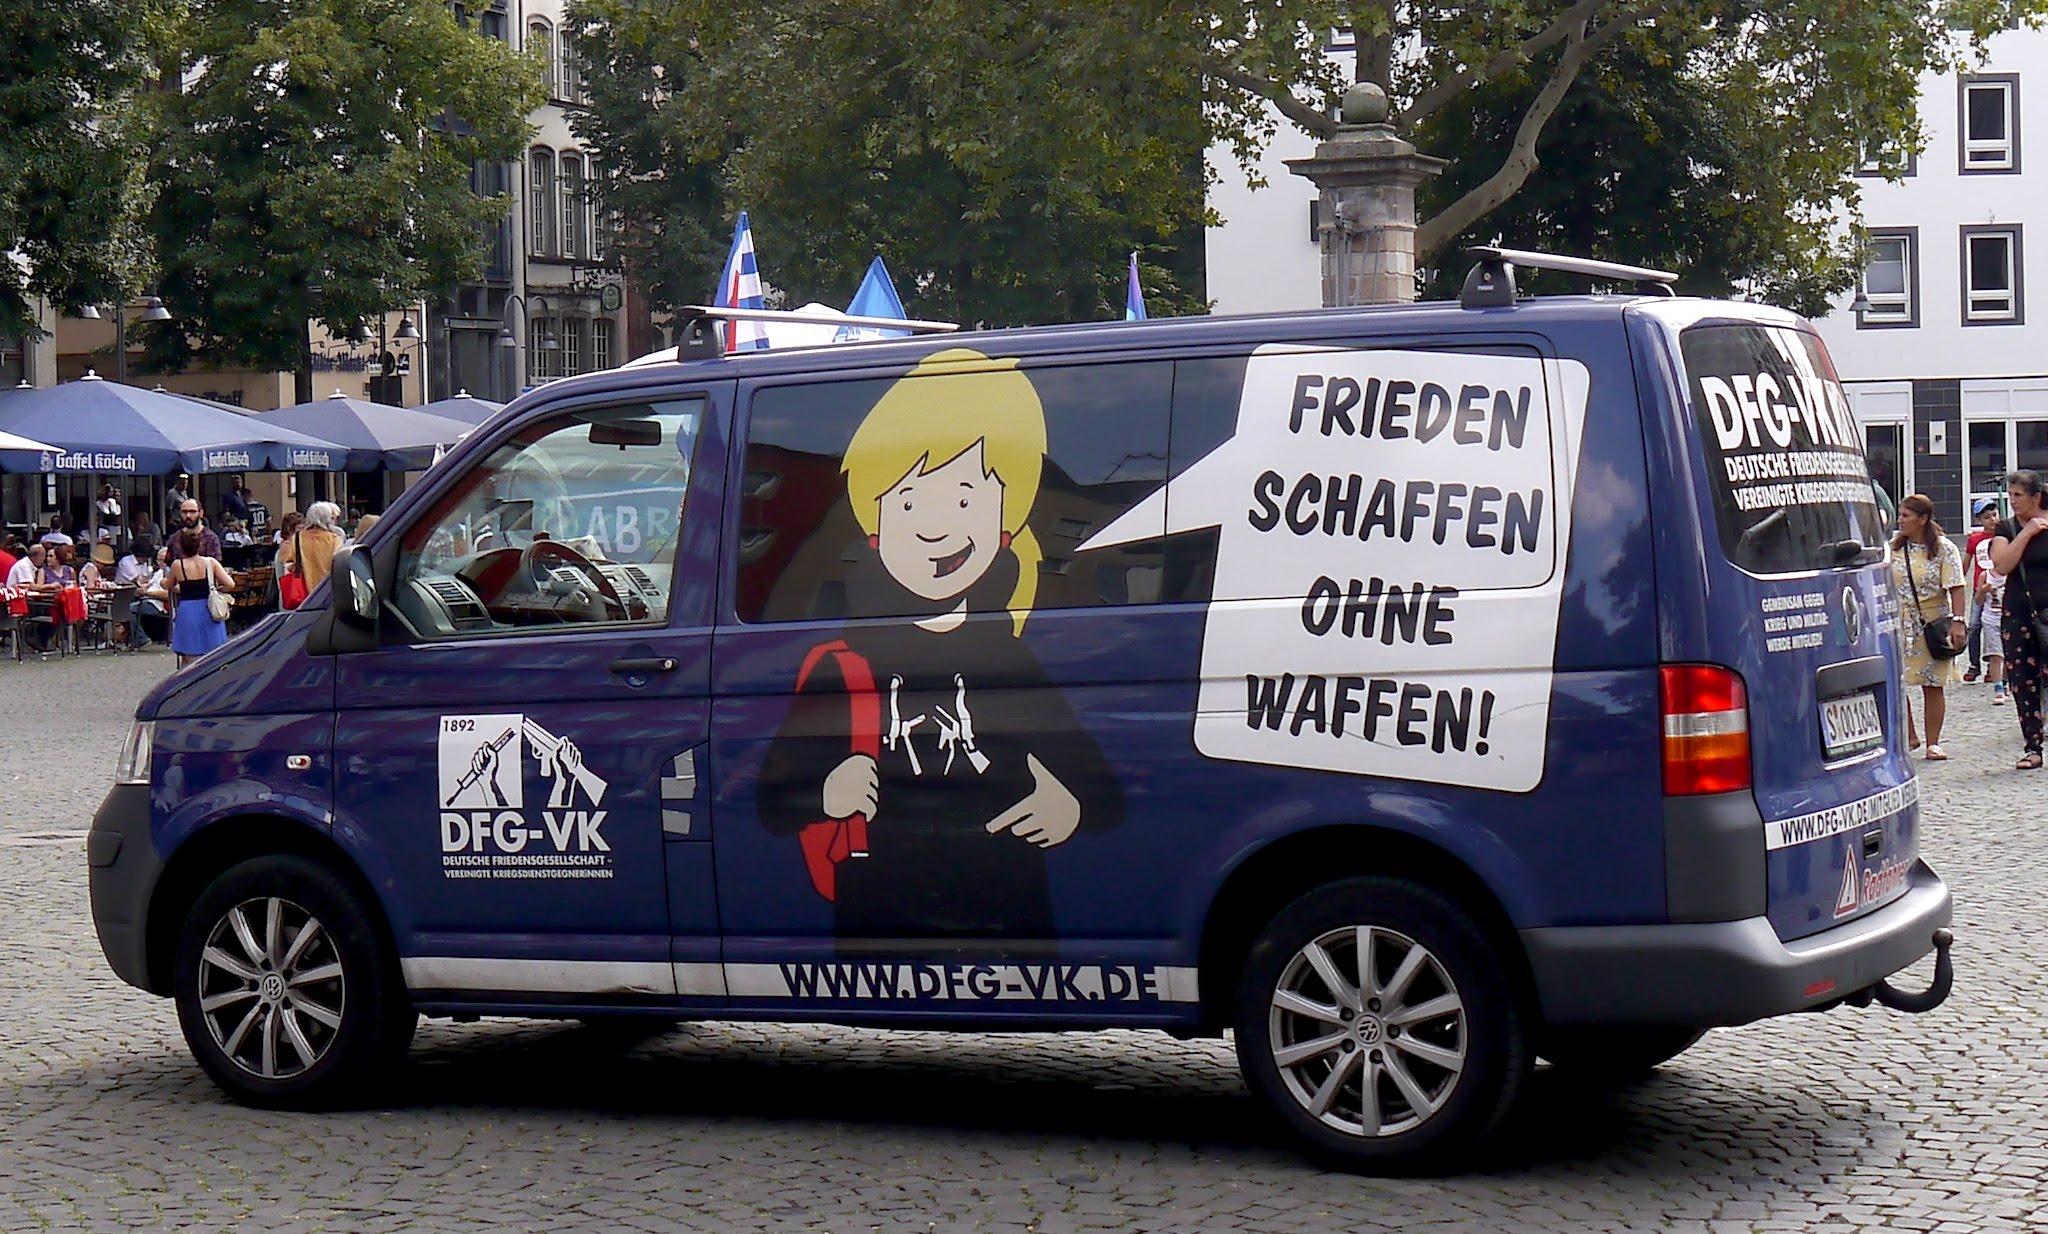 Ein dunkelblauer VW-Transporter mit einer Comic-Figur, die einen Schüler darstellt.